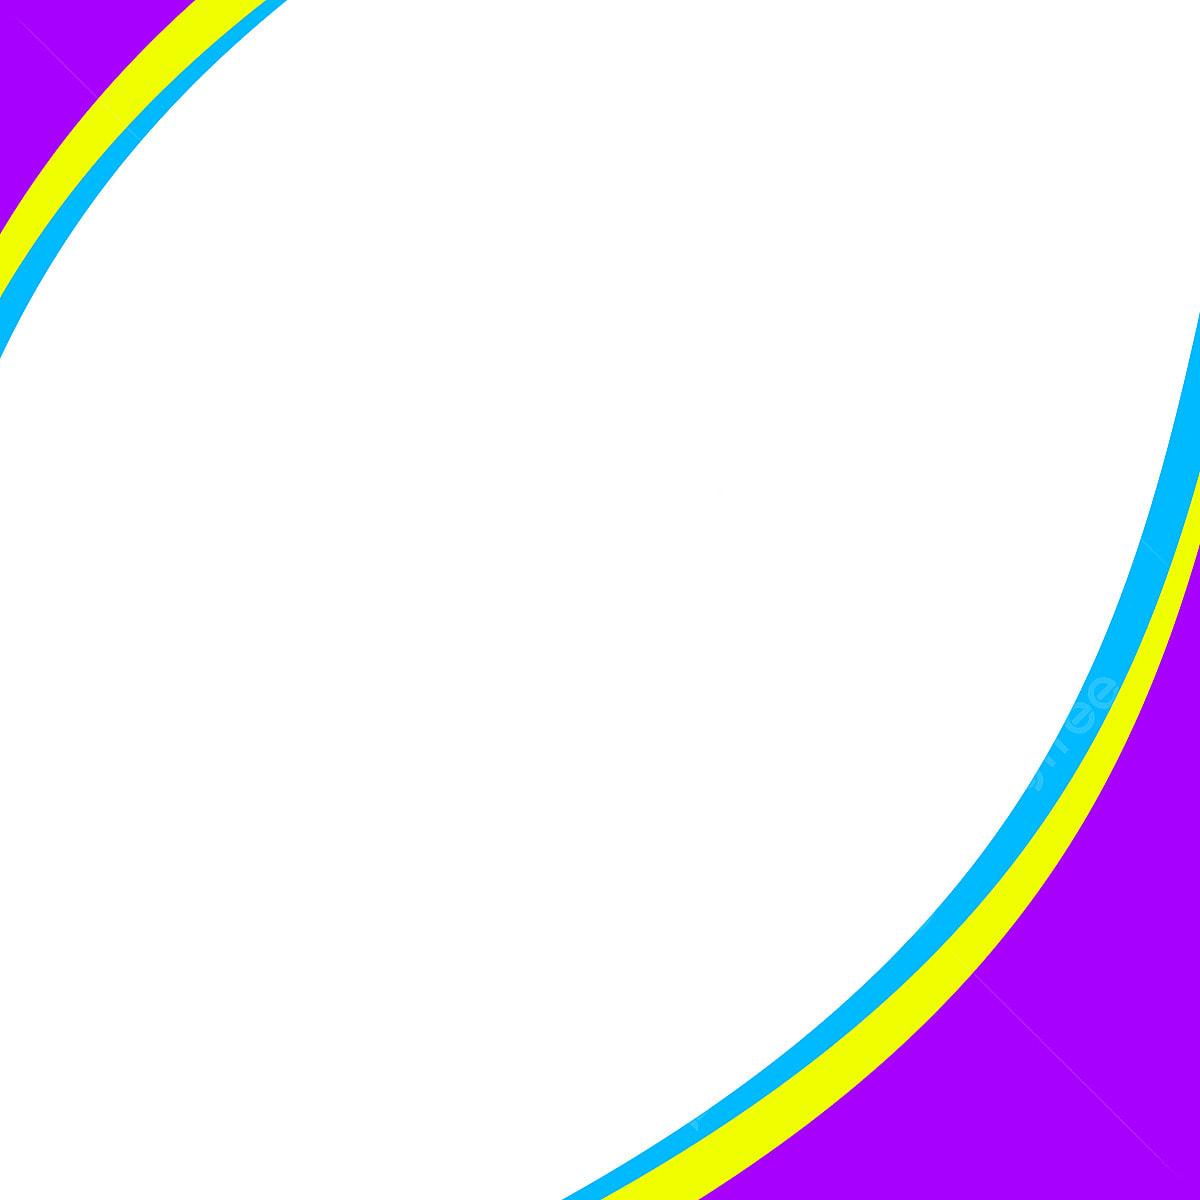 Background Material Design Of Color Border Frame, Color